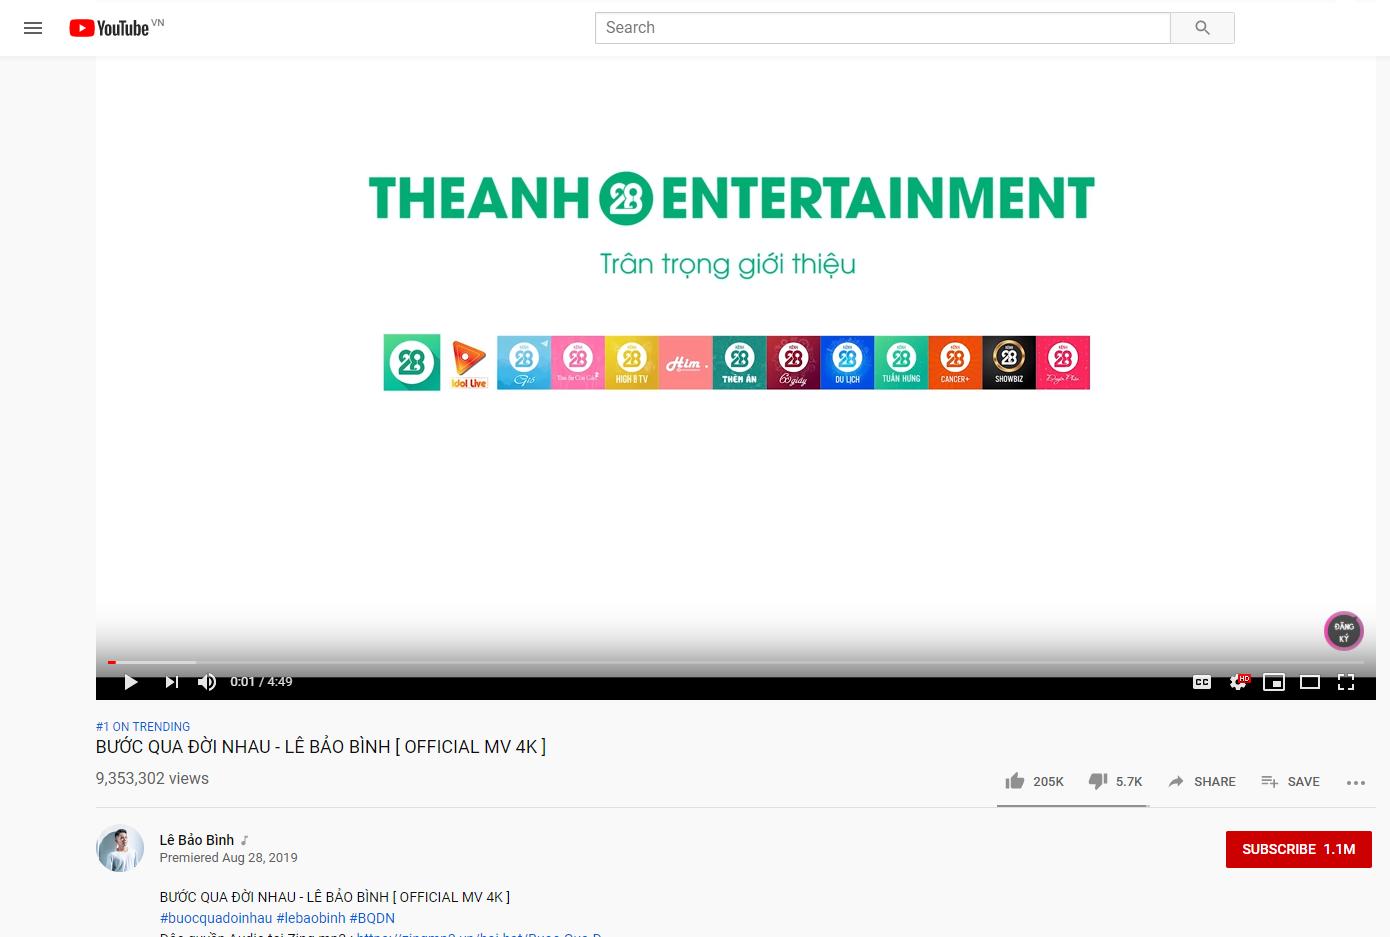 Theanh28 Entertainment - Công ty truyền thông và giải trí có bàn tay vàng trong làng Top Trending - Ảnh 4.